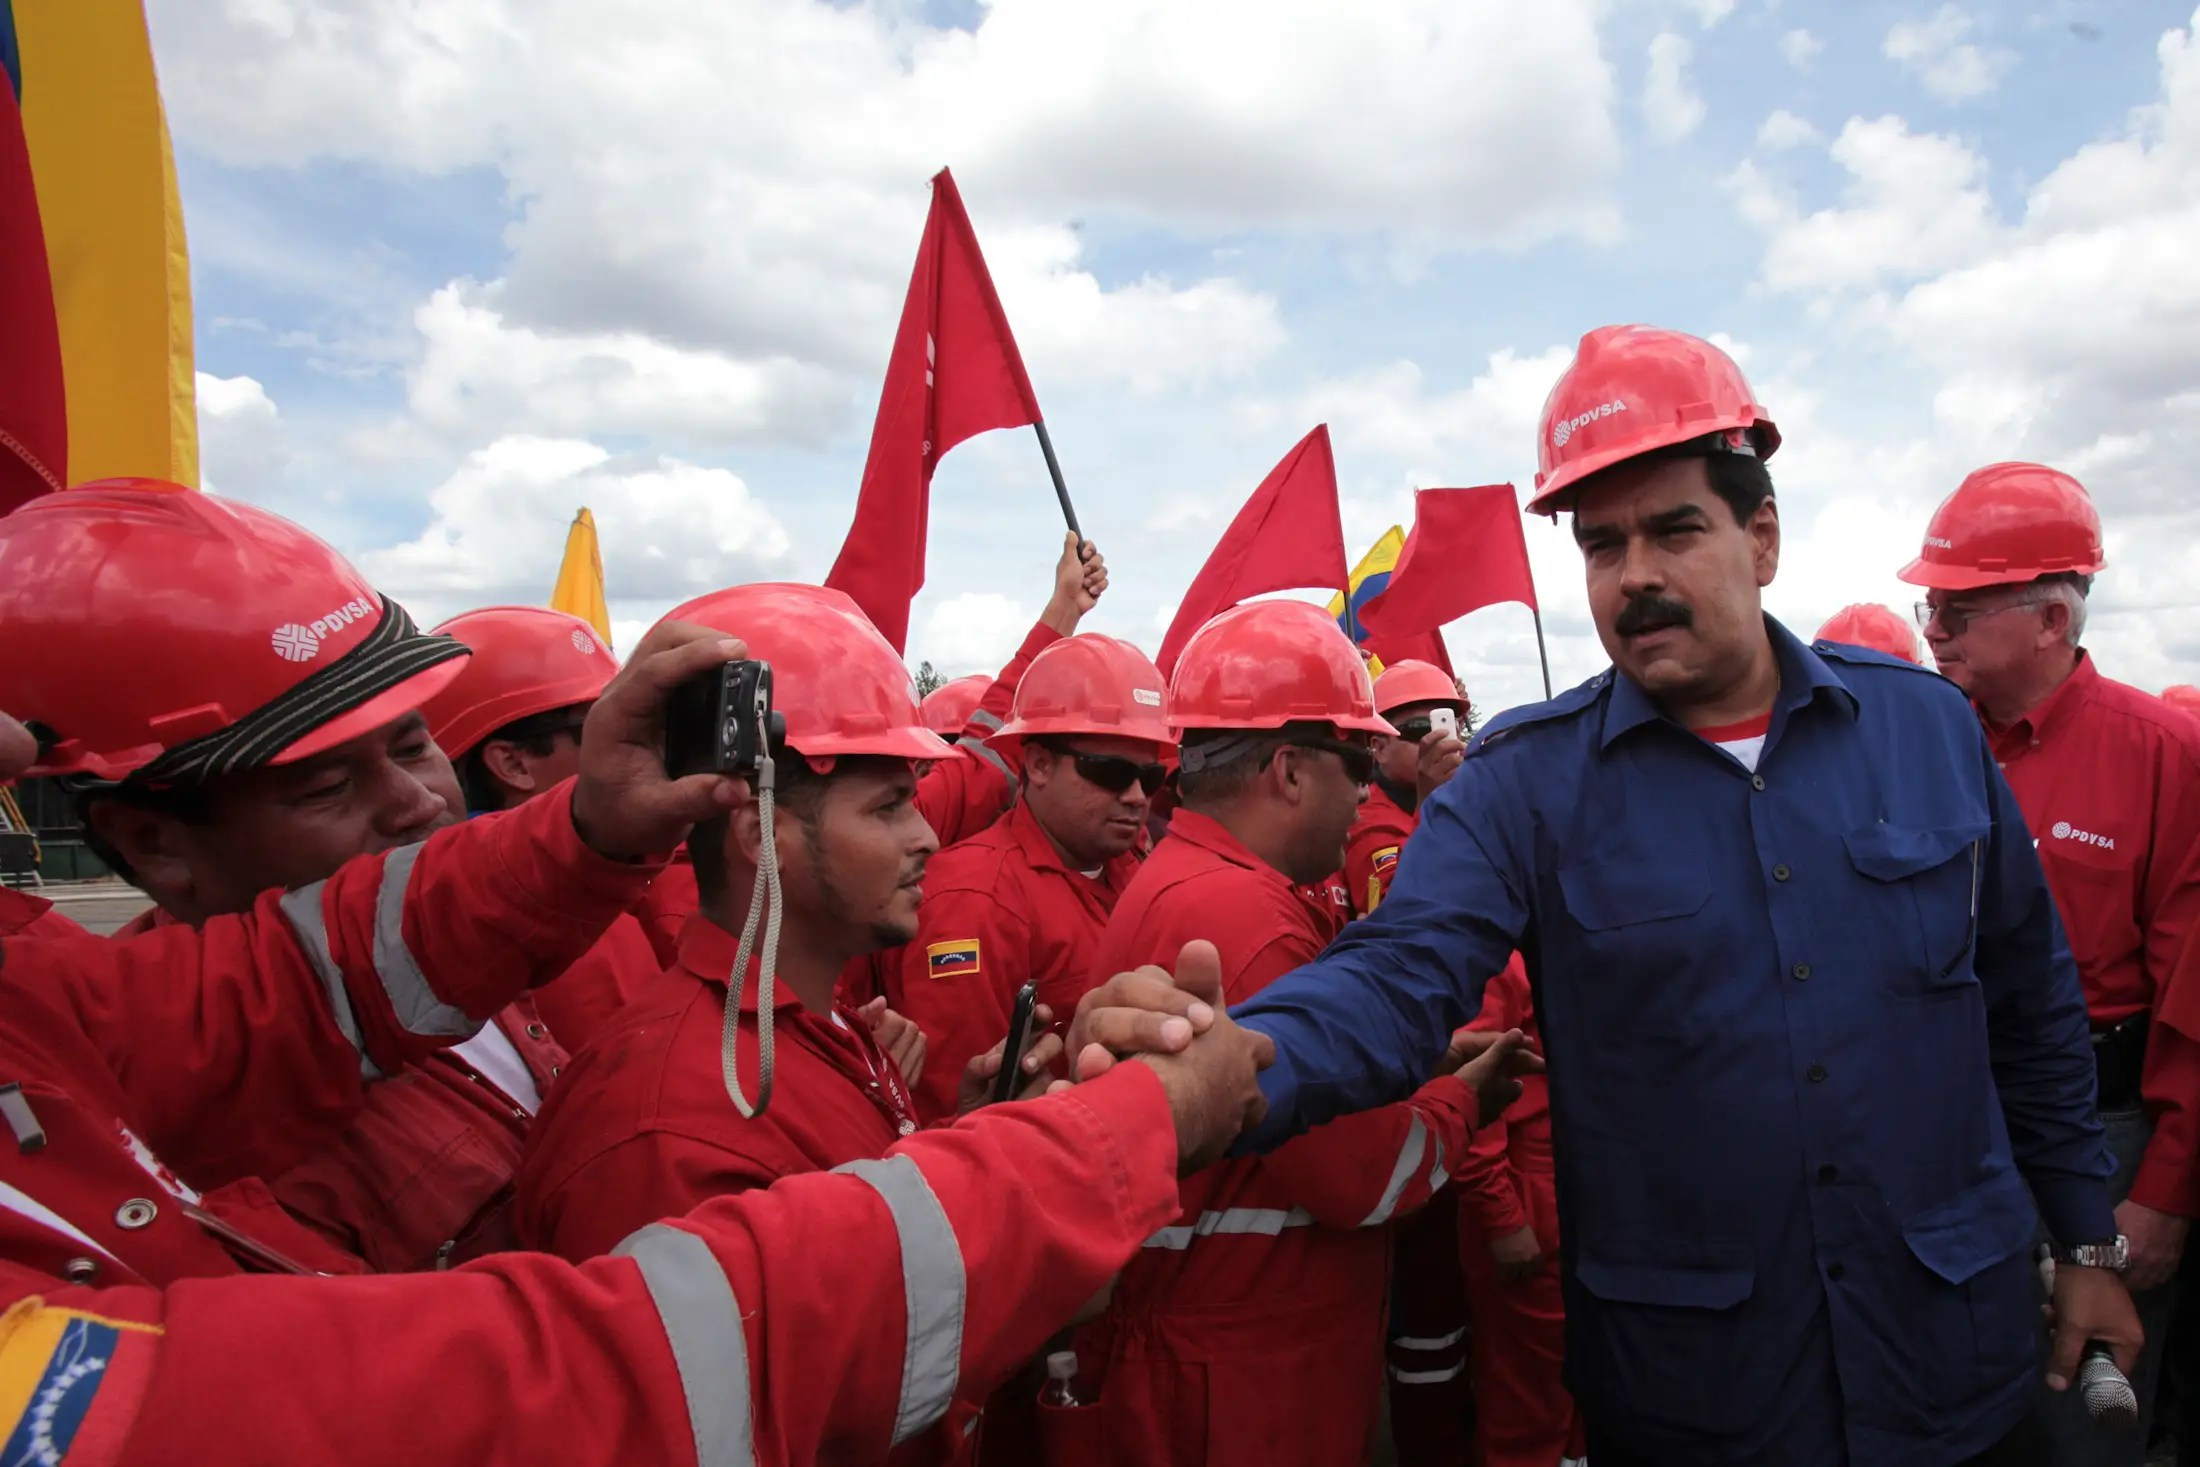 3. Venezuela